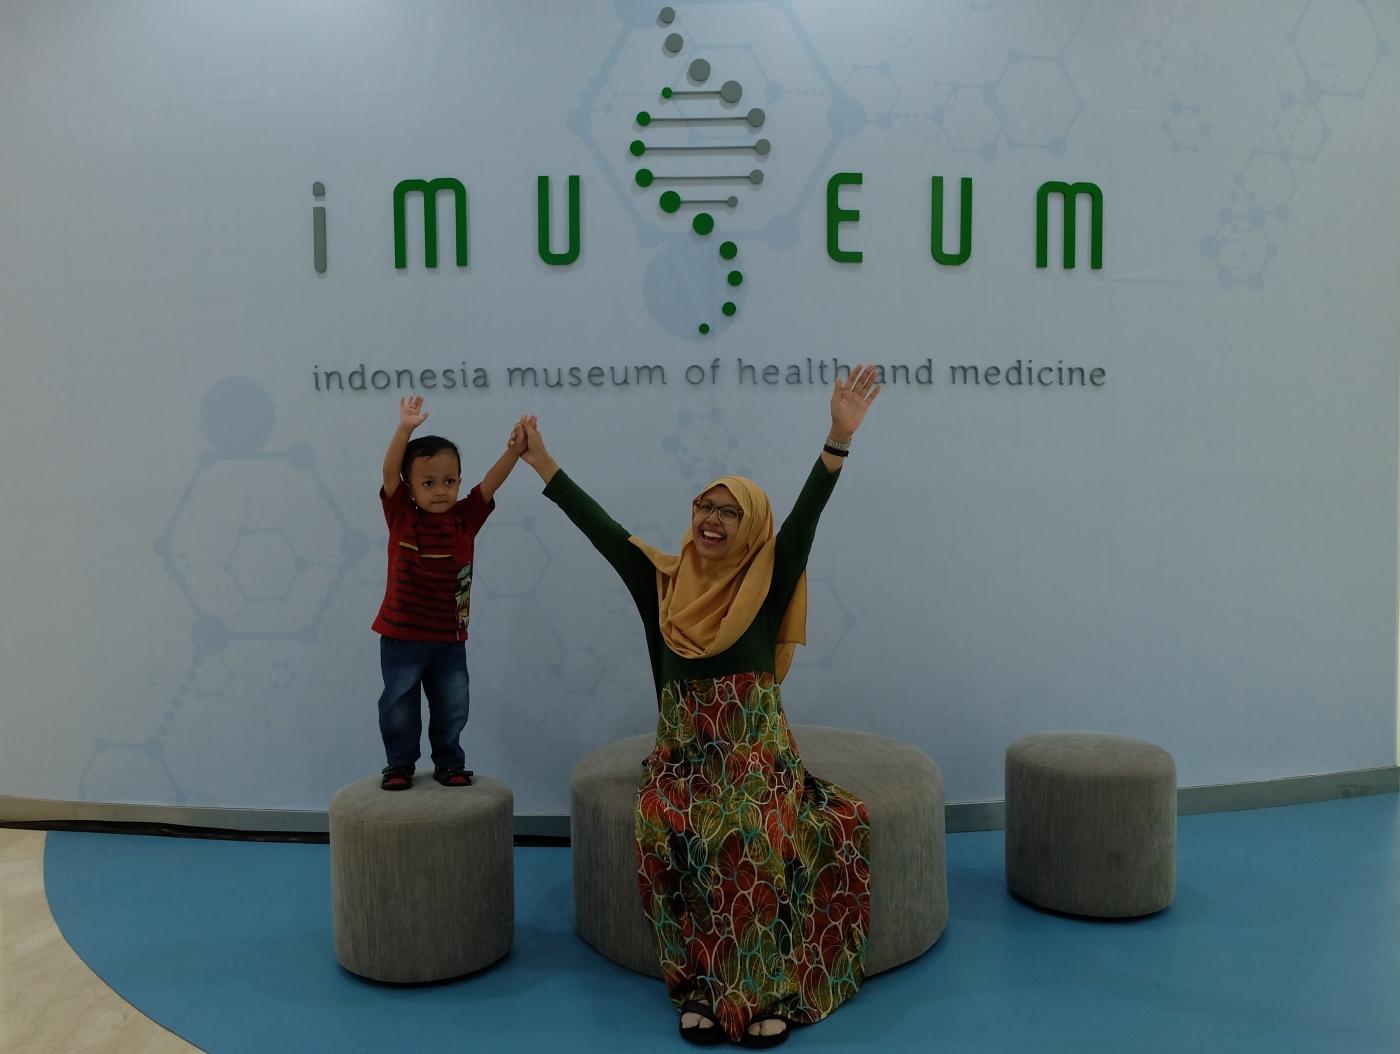 museum imeri fkui jakarta